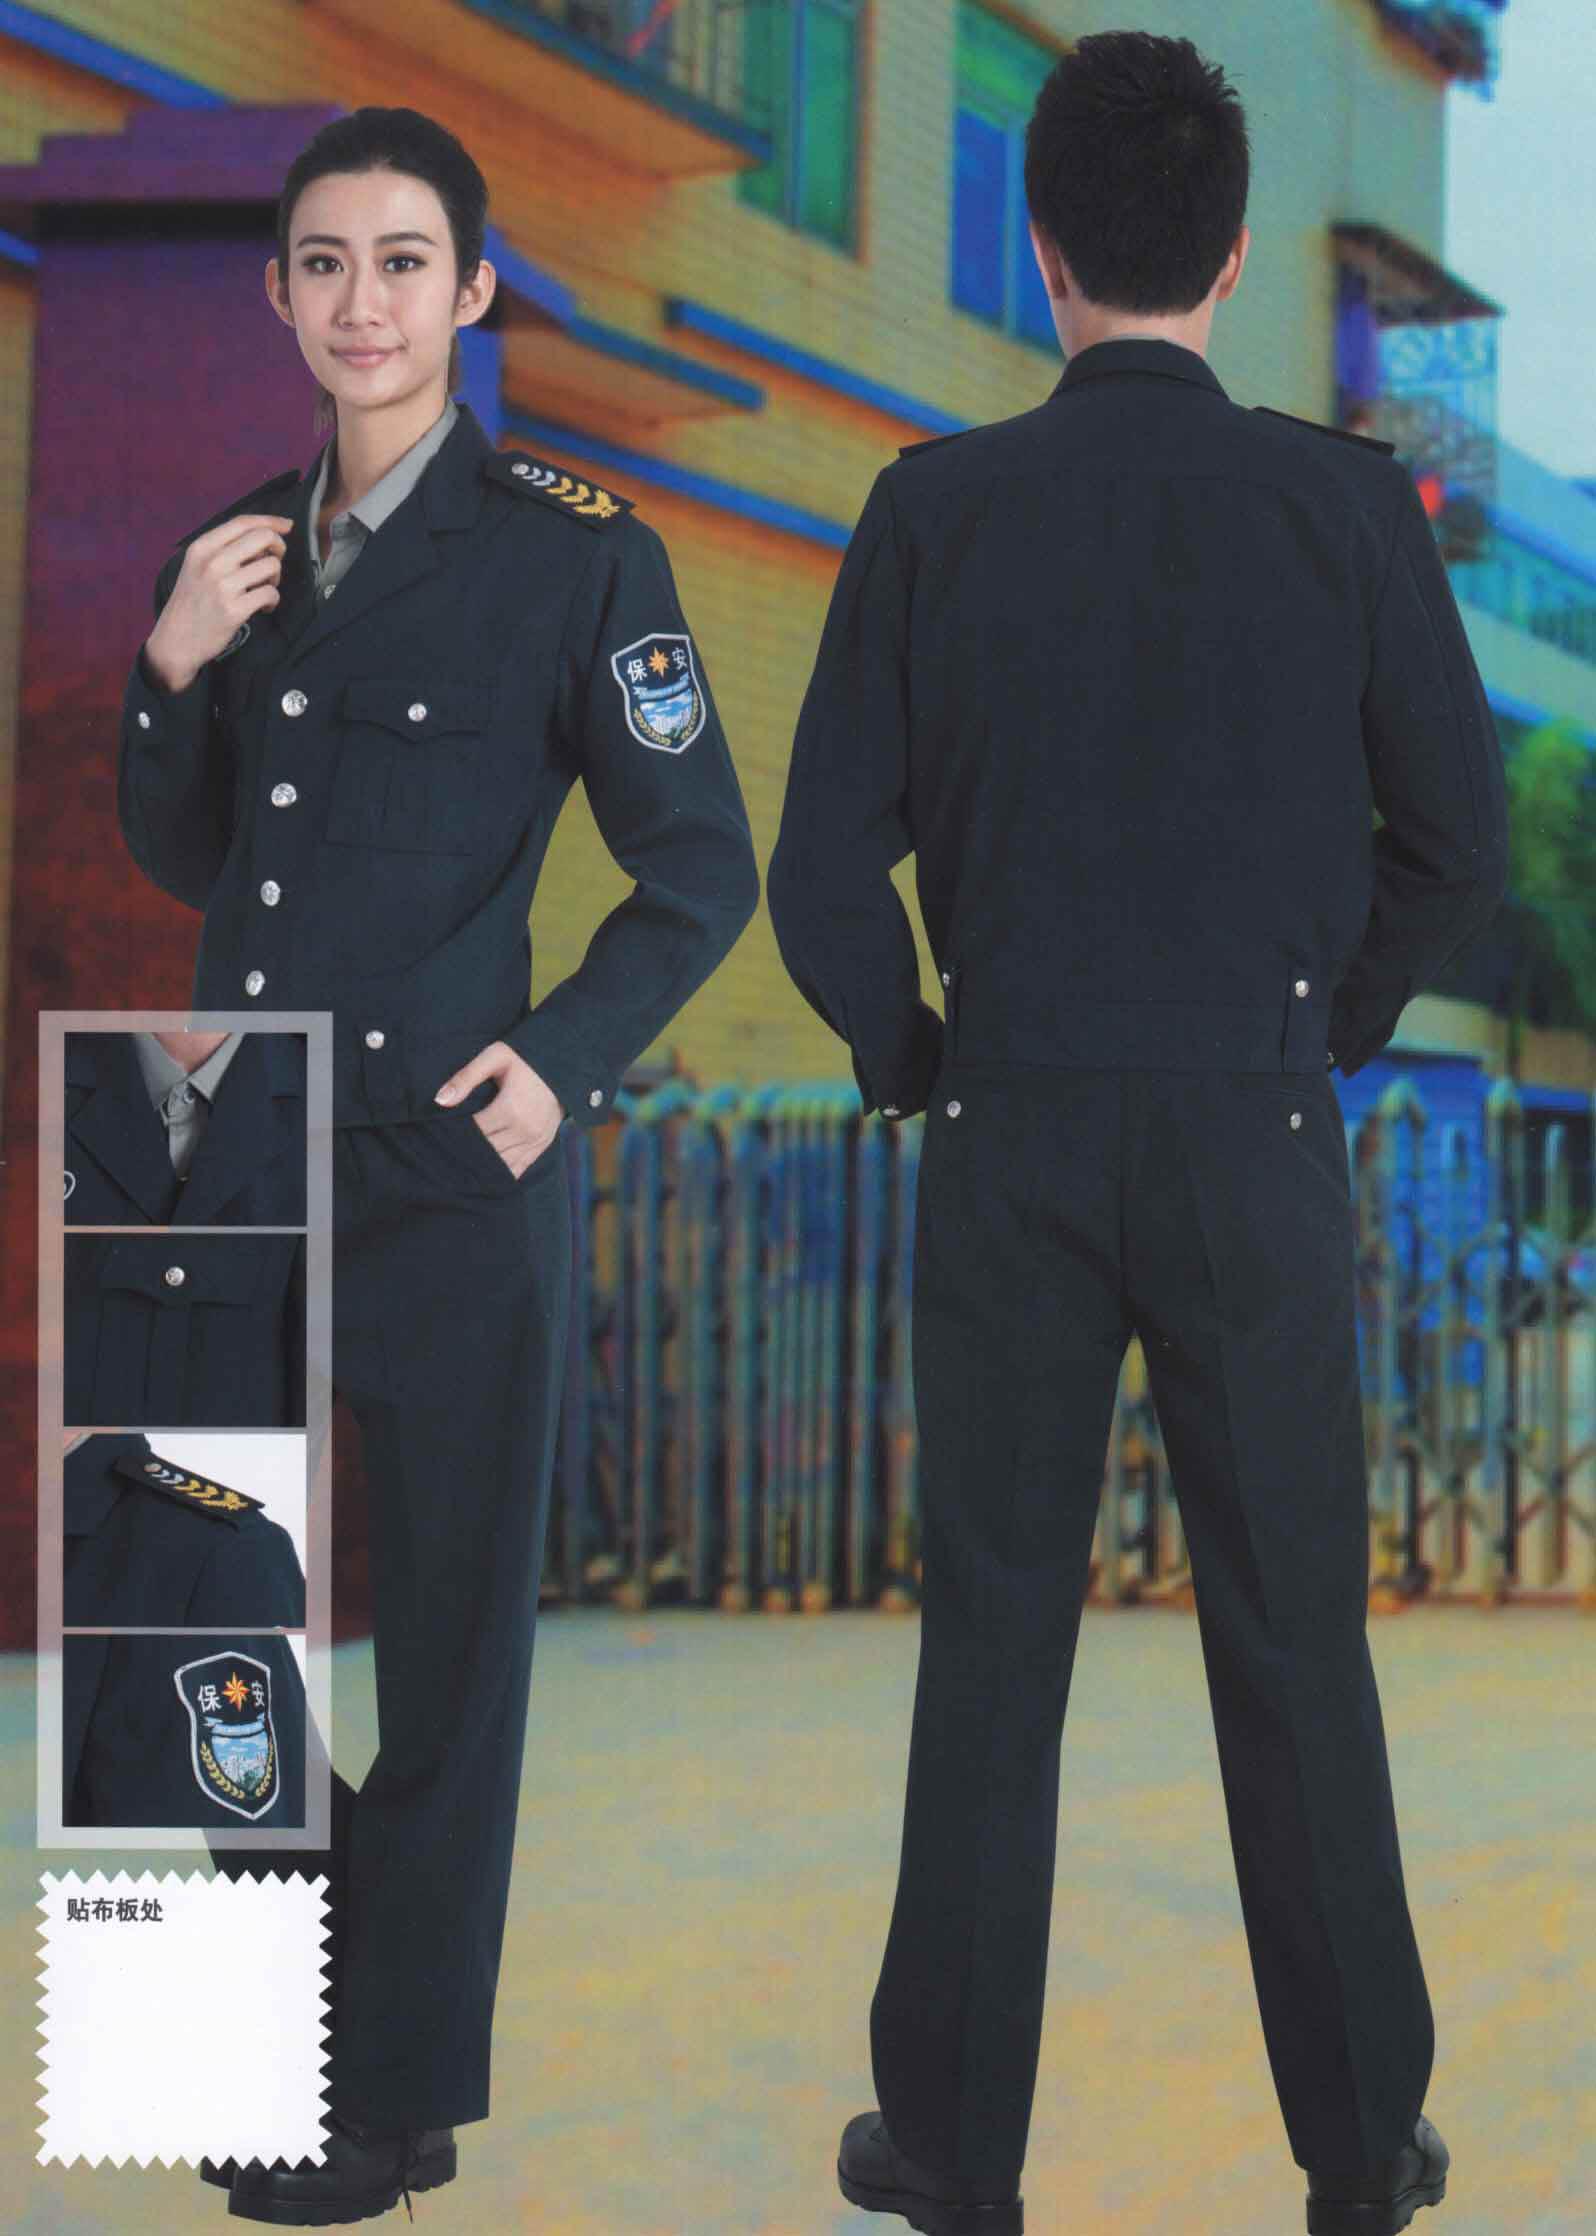 保安物业制服夹克套装